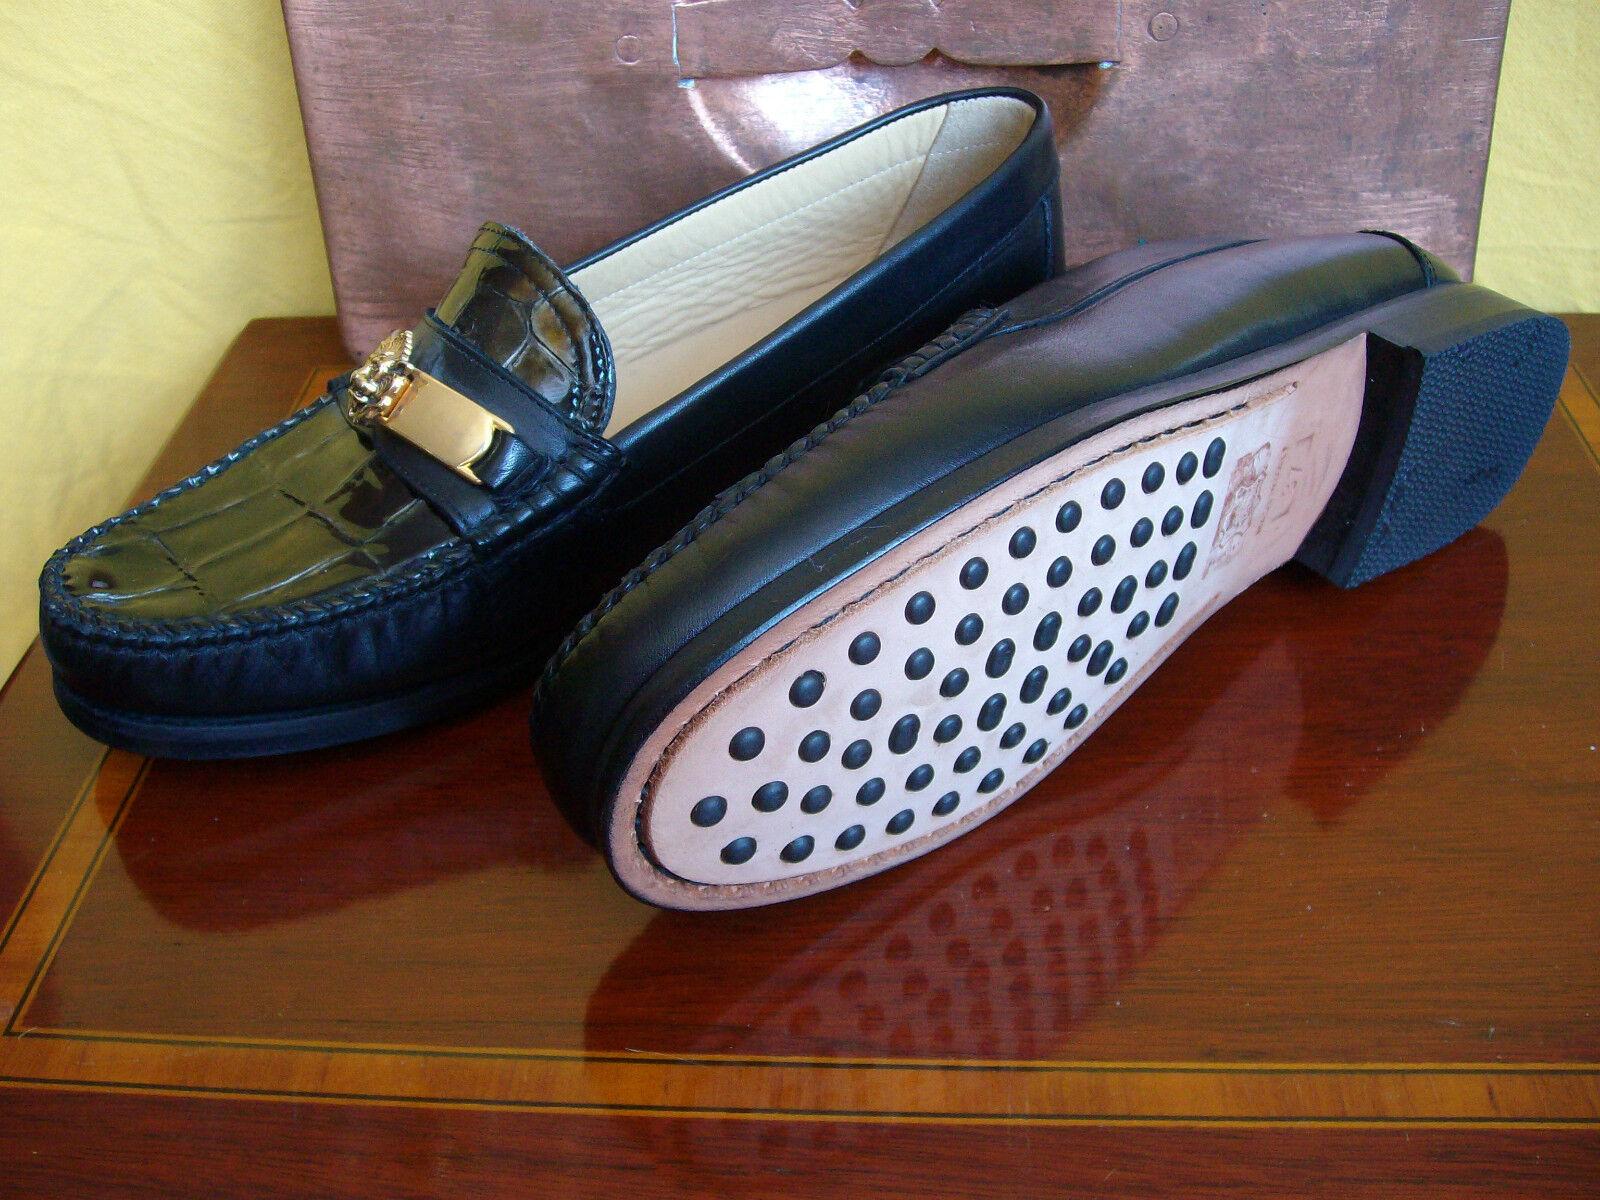 Damenschuhe - Halbschuhe - - Sauro - Größe 37 - - Leder schwarz in Krokodesign ee68b9